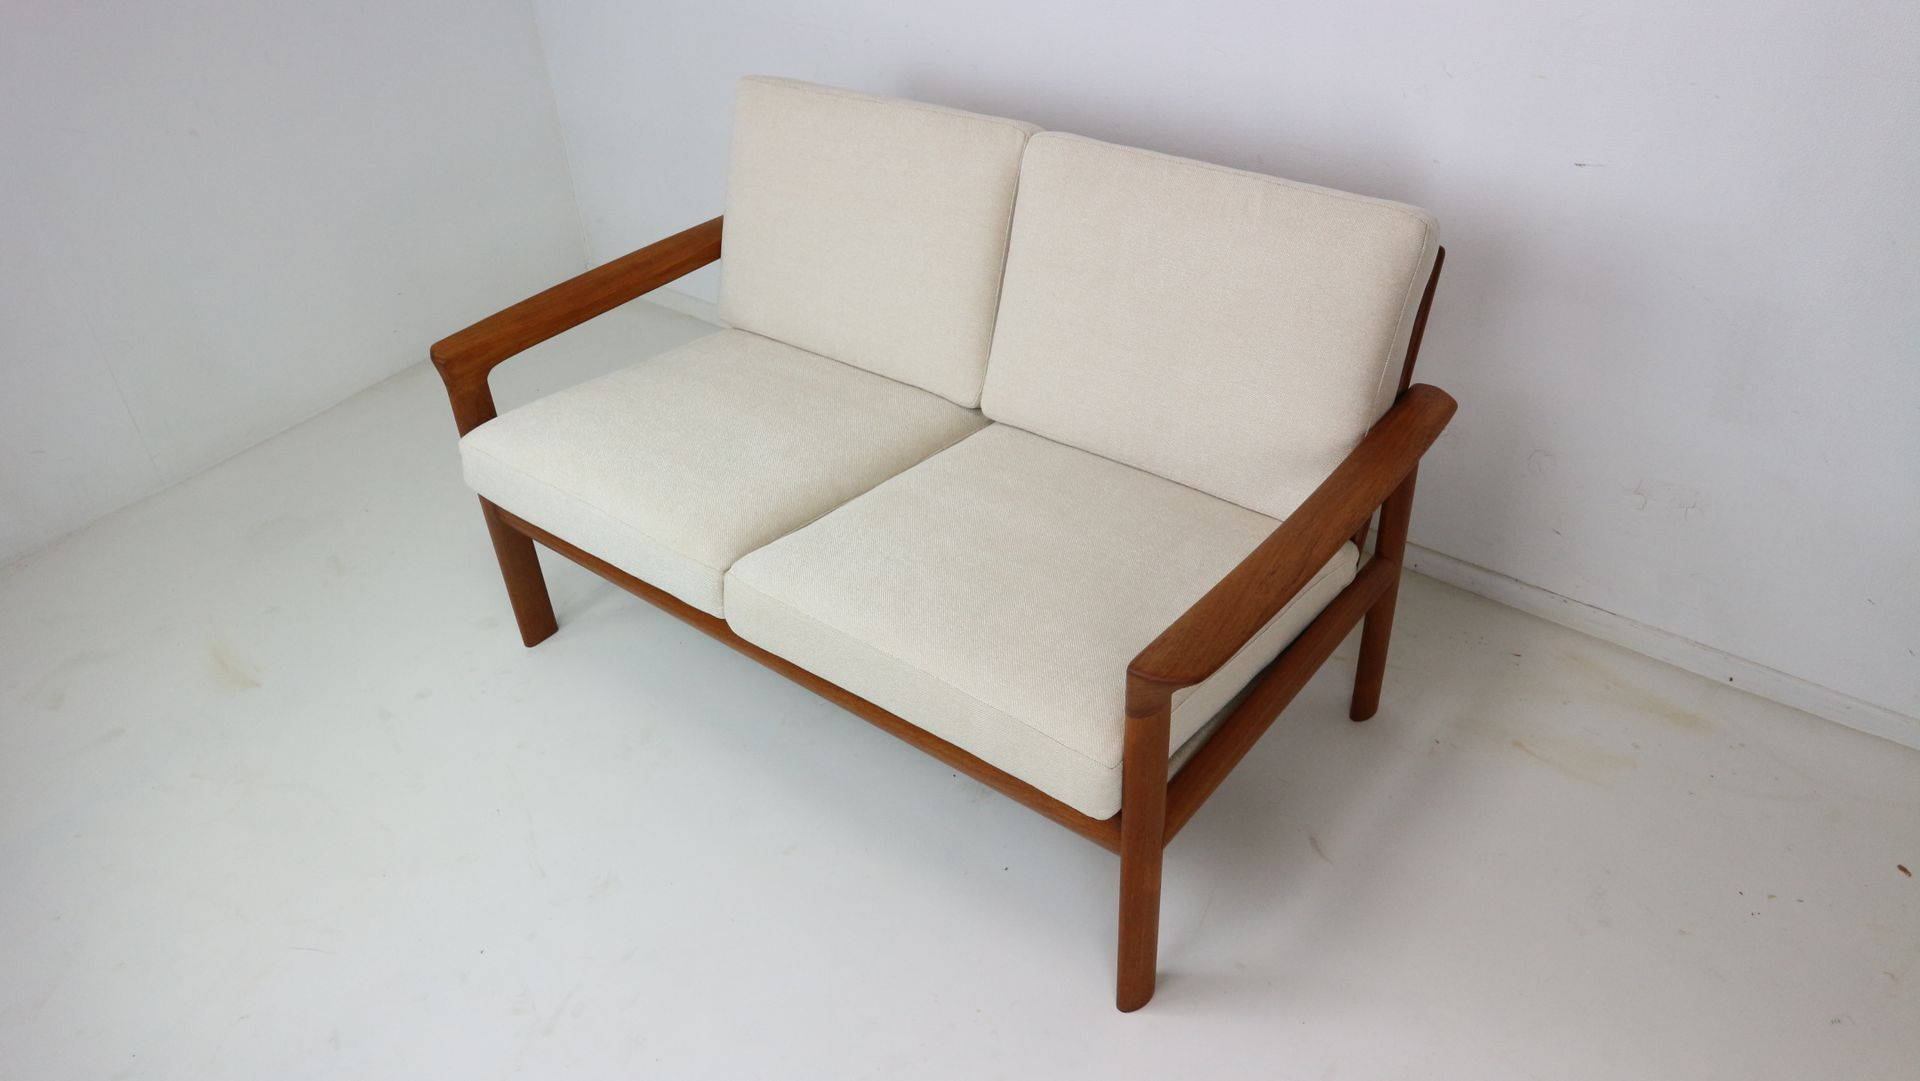 borneo two seat sofa by sven ellekaer for komfort 1960s. Black Bedroom Furniture Sets. Home Design Ideas